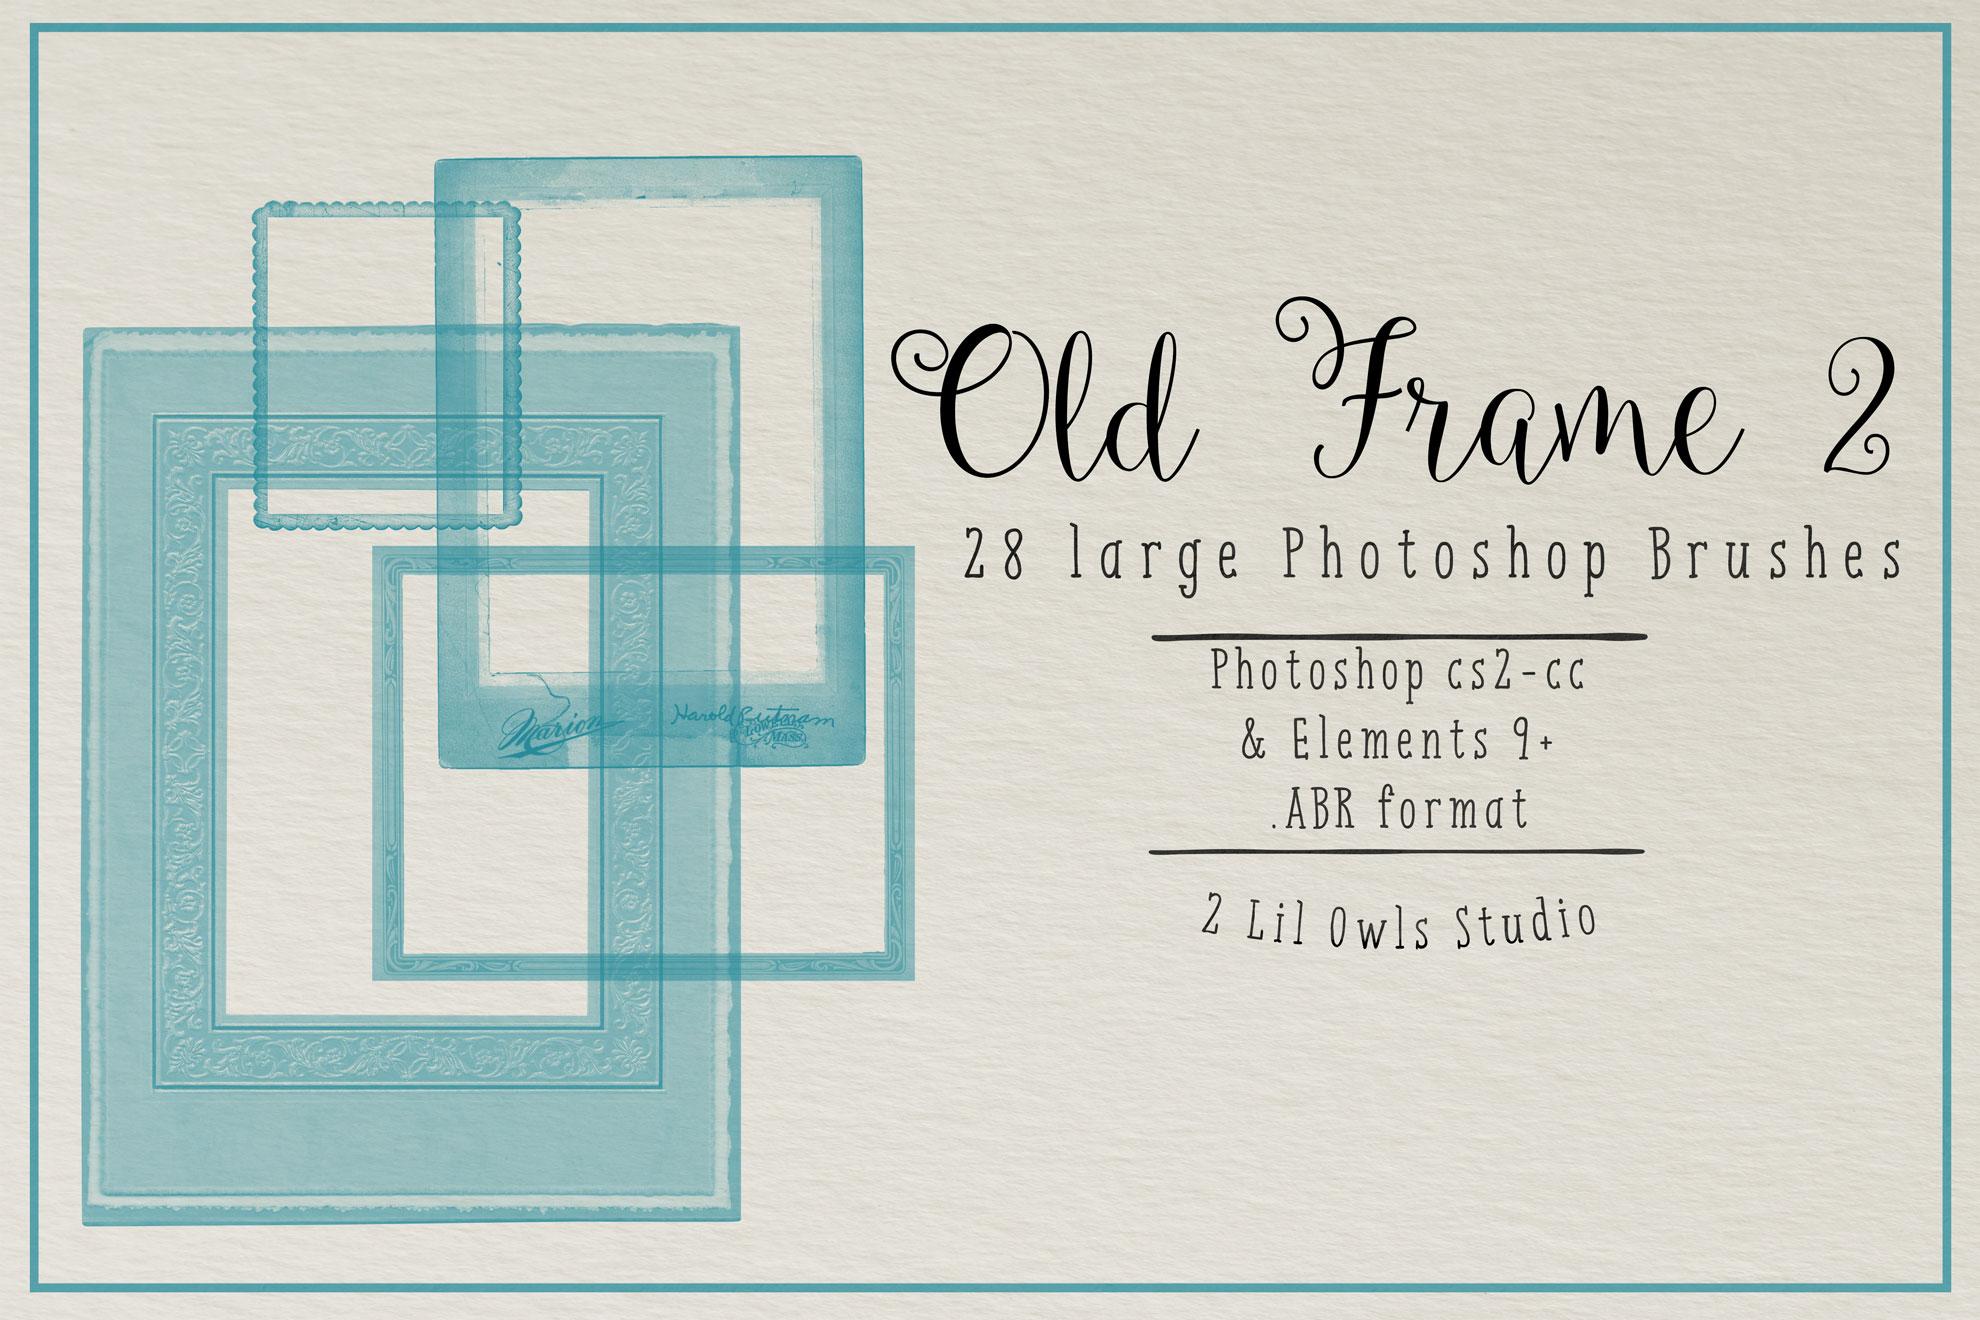 Old Frame Photoshop Brushes 2